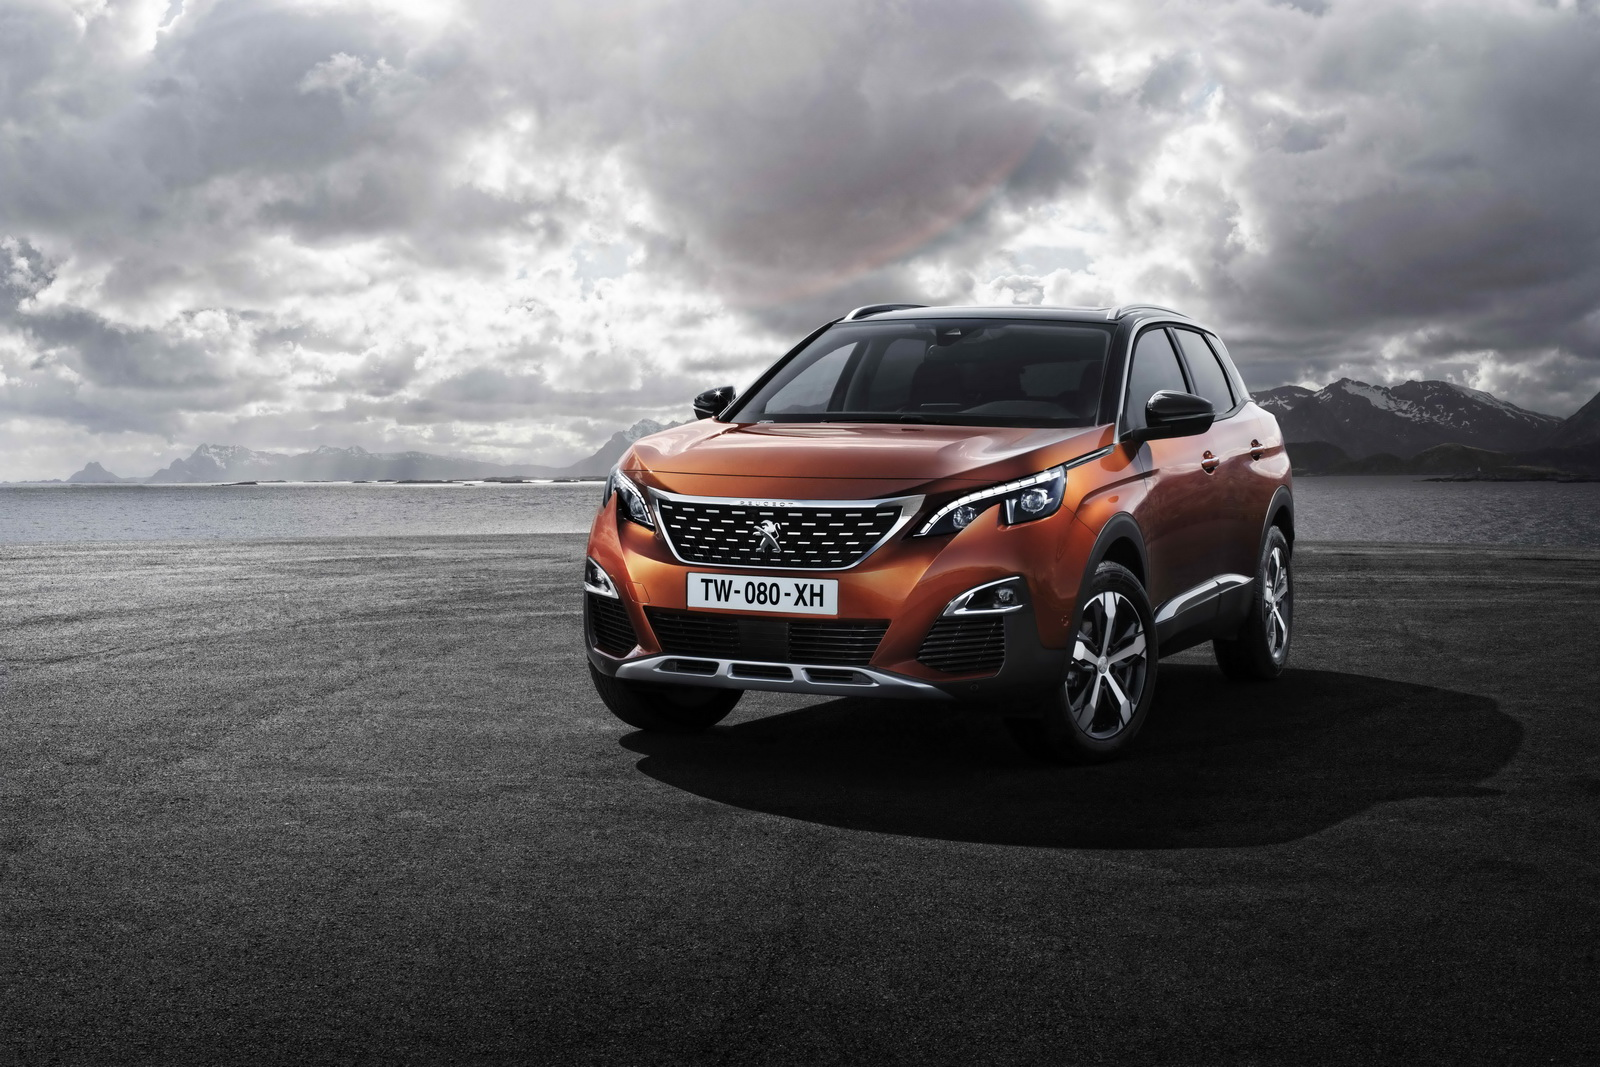 2016-Peugeot-3008-1.jpg